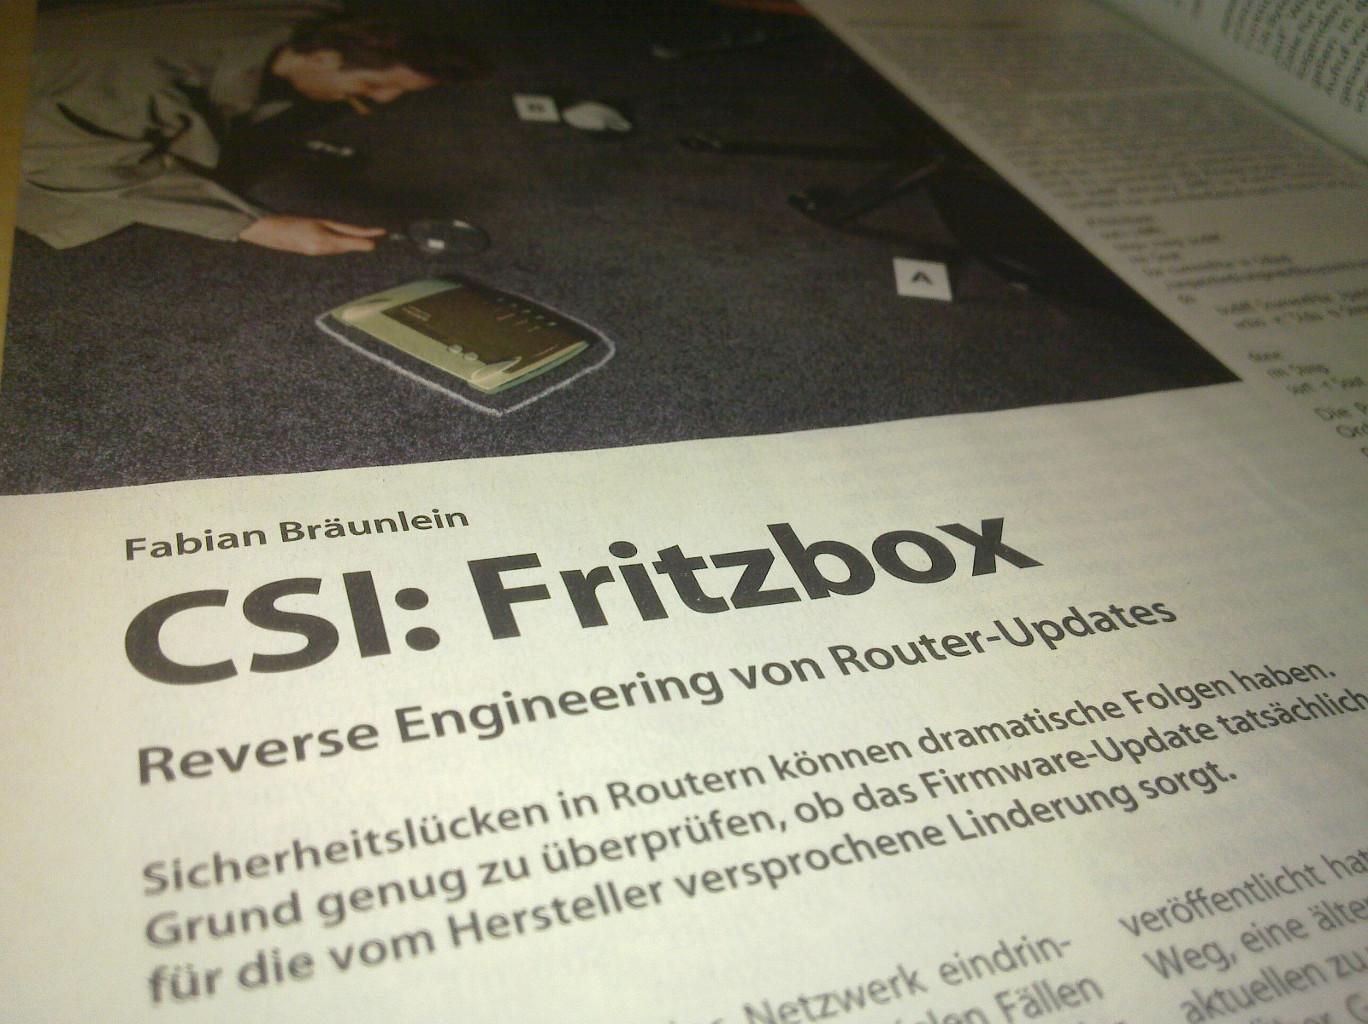 CSI: Fritzbox - Reverse Engineering von Router-Updates